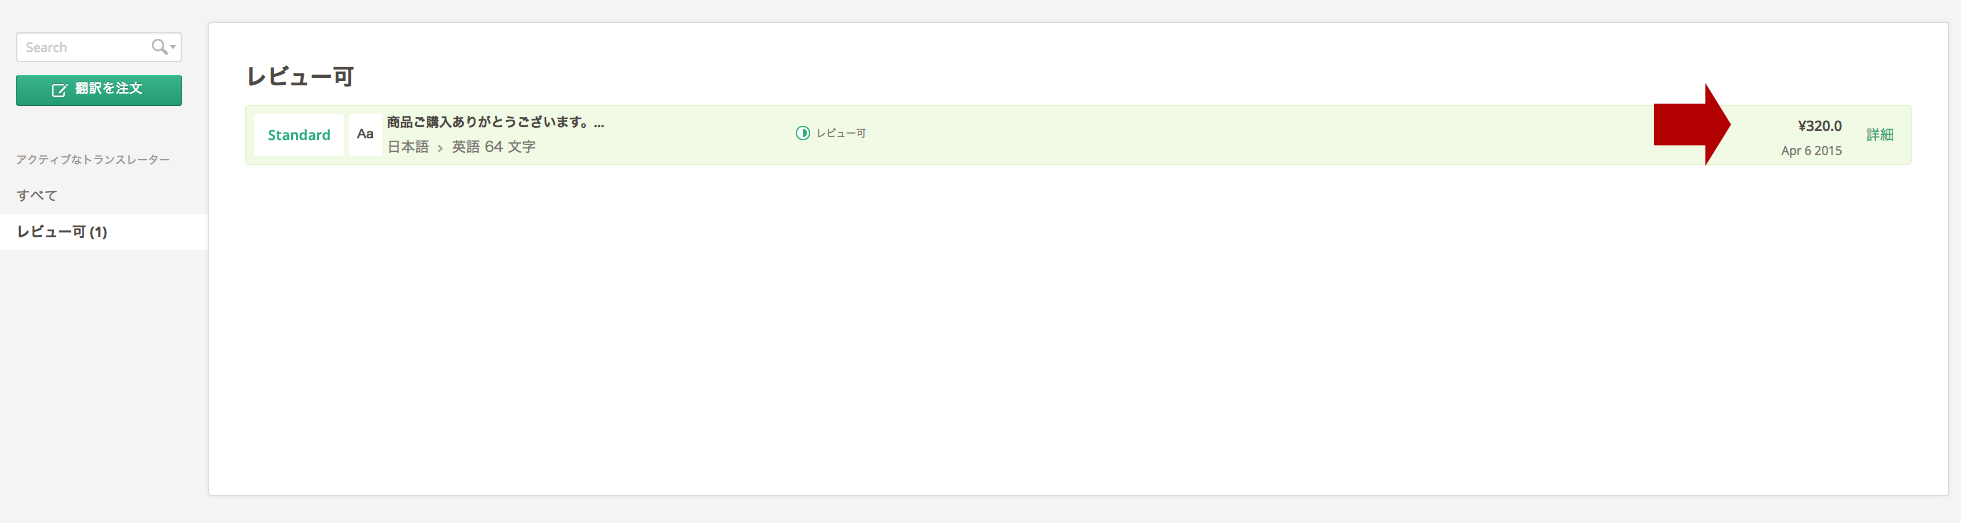 スクリーンショット 2015-04-06 17.37.36